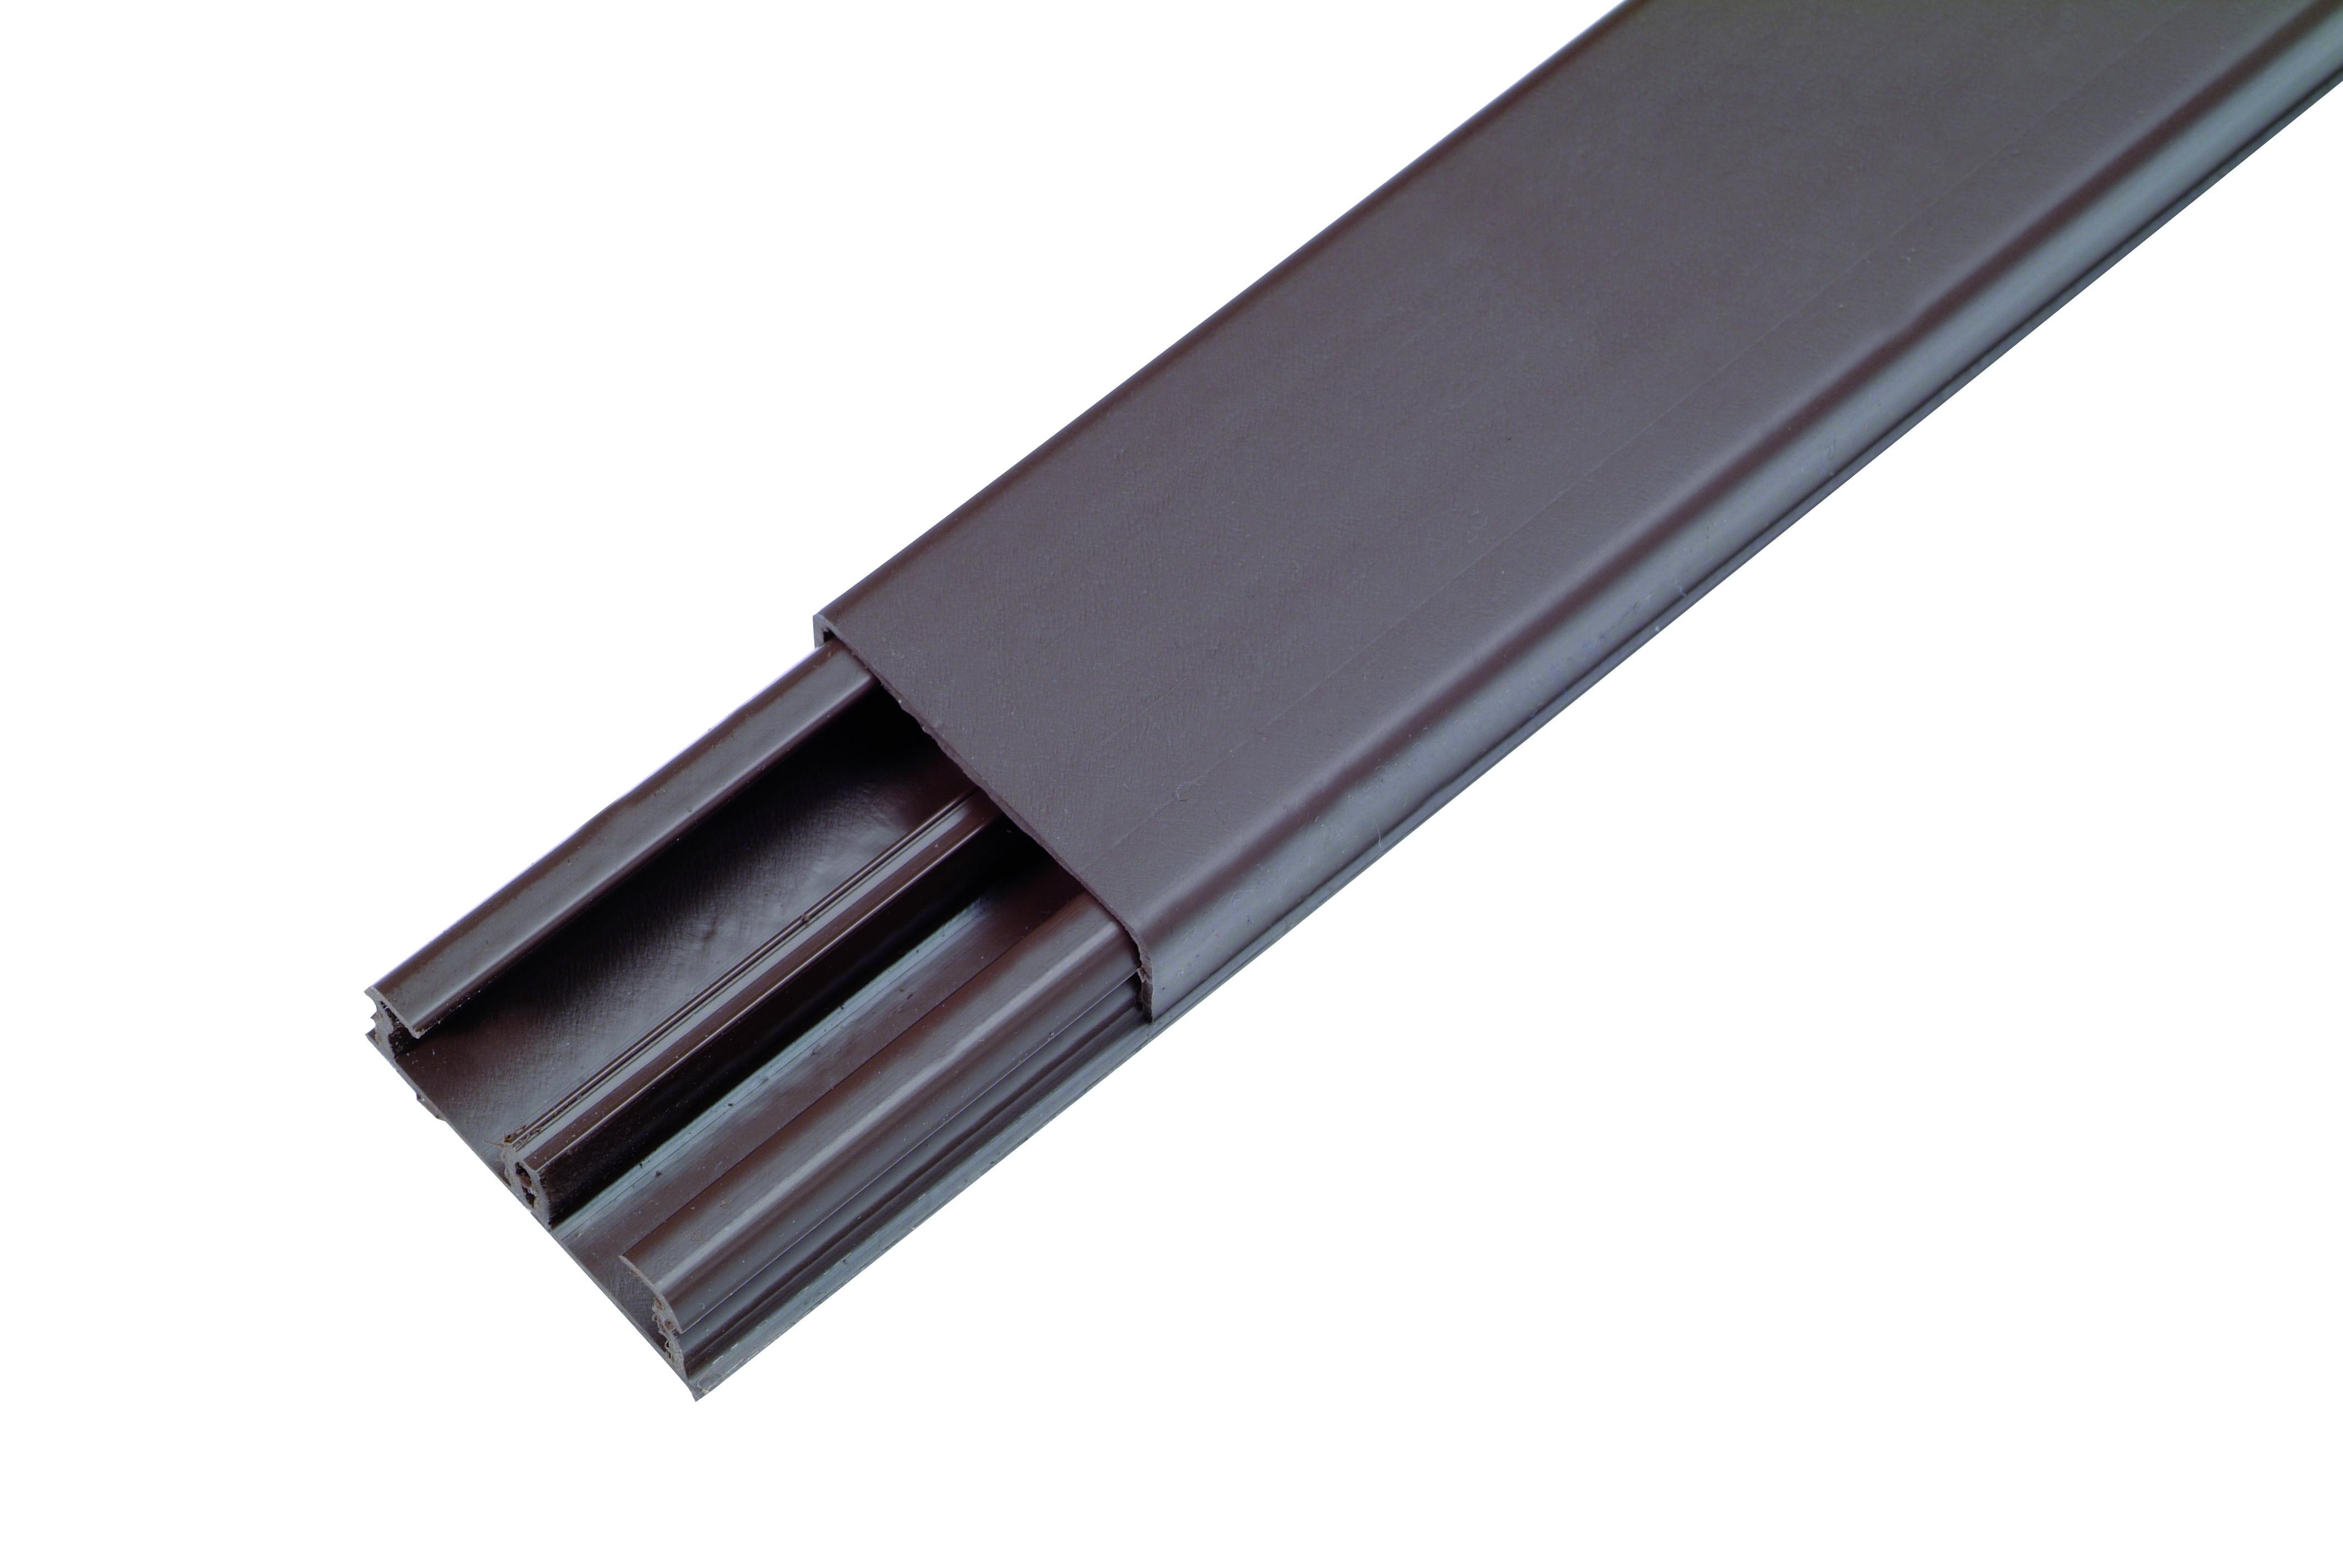 Goulotte Pour Plafond goulotte dlp 12,5 x 32 mm brun legrand - mr.bricolage